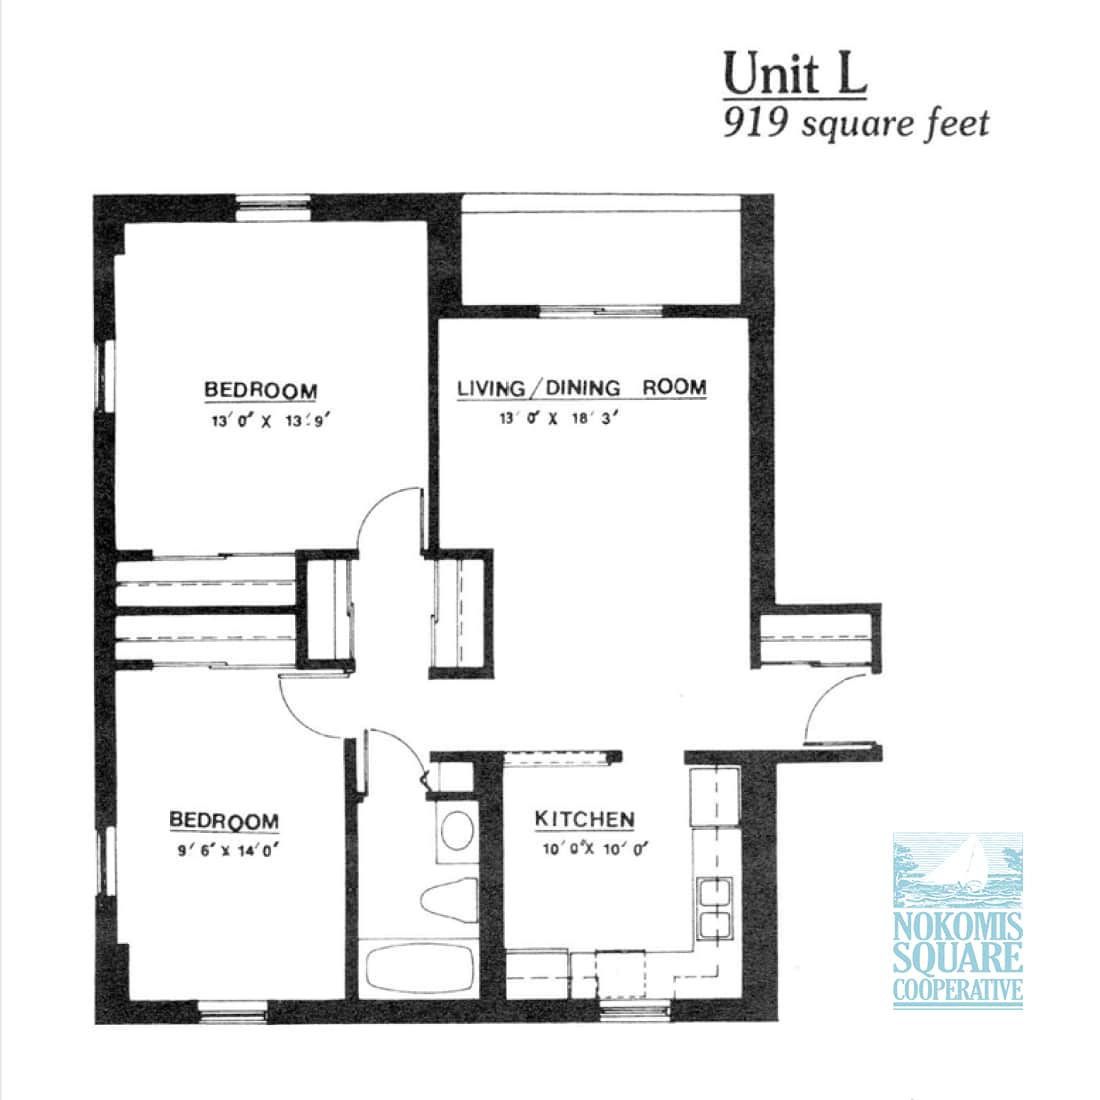 2 br Floorplan Unit L - Nokomis Square Senior Cooperative